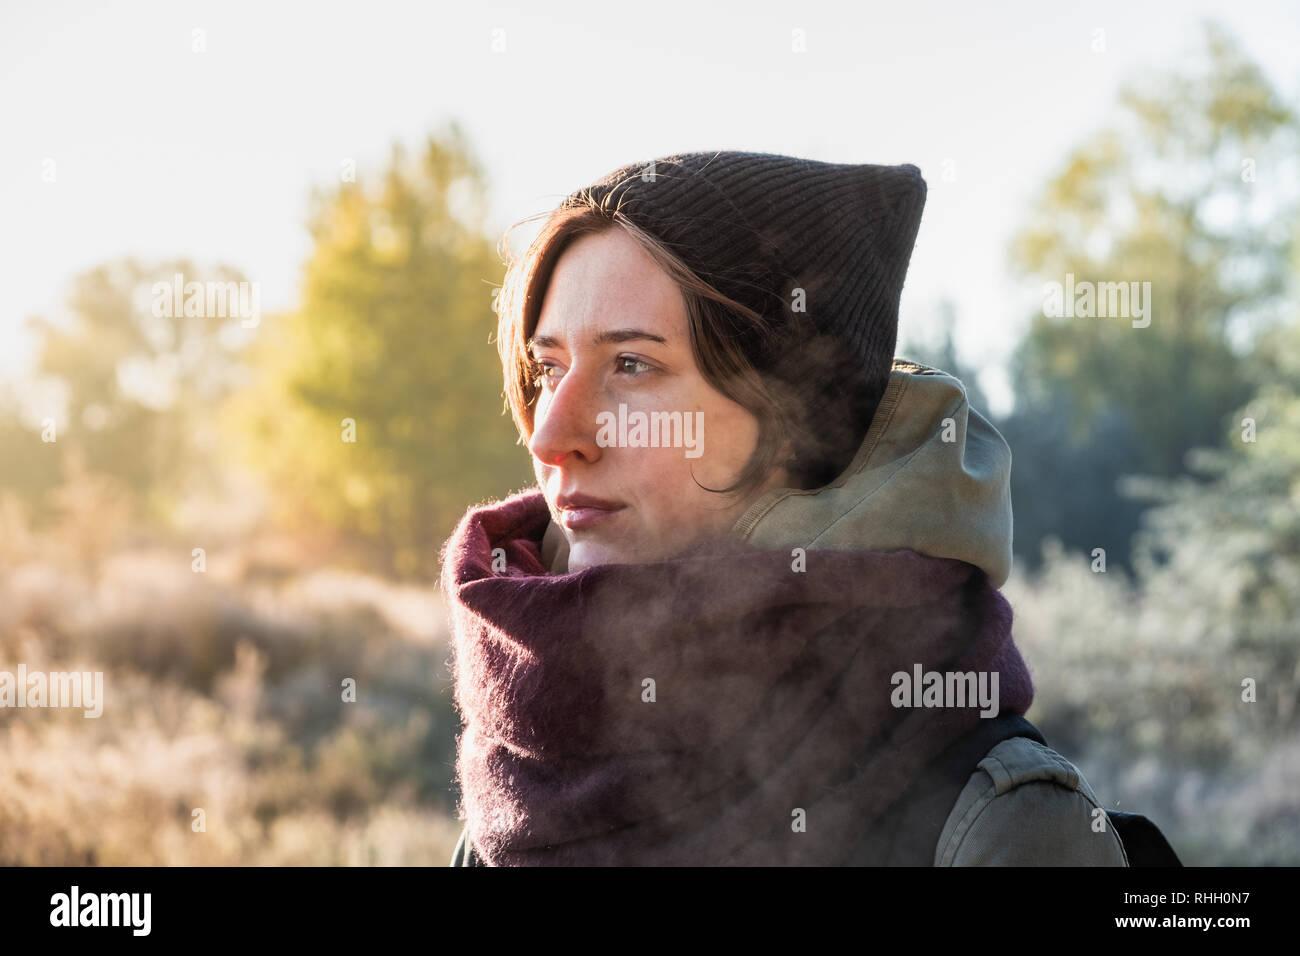 Contraluz retrato de hermosa mujer empañado la respiración. Persona de sexo femenino, paseos al aire libre en la fría y soleada mañana de otoño Foto de stock